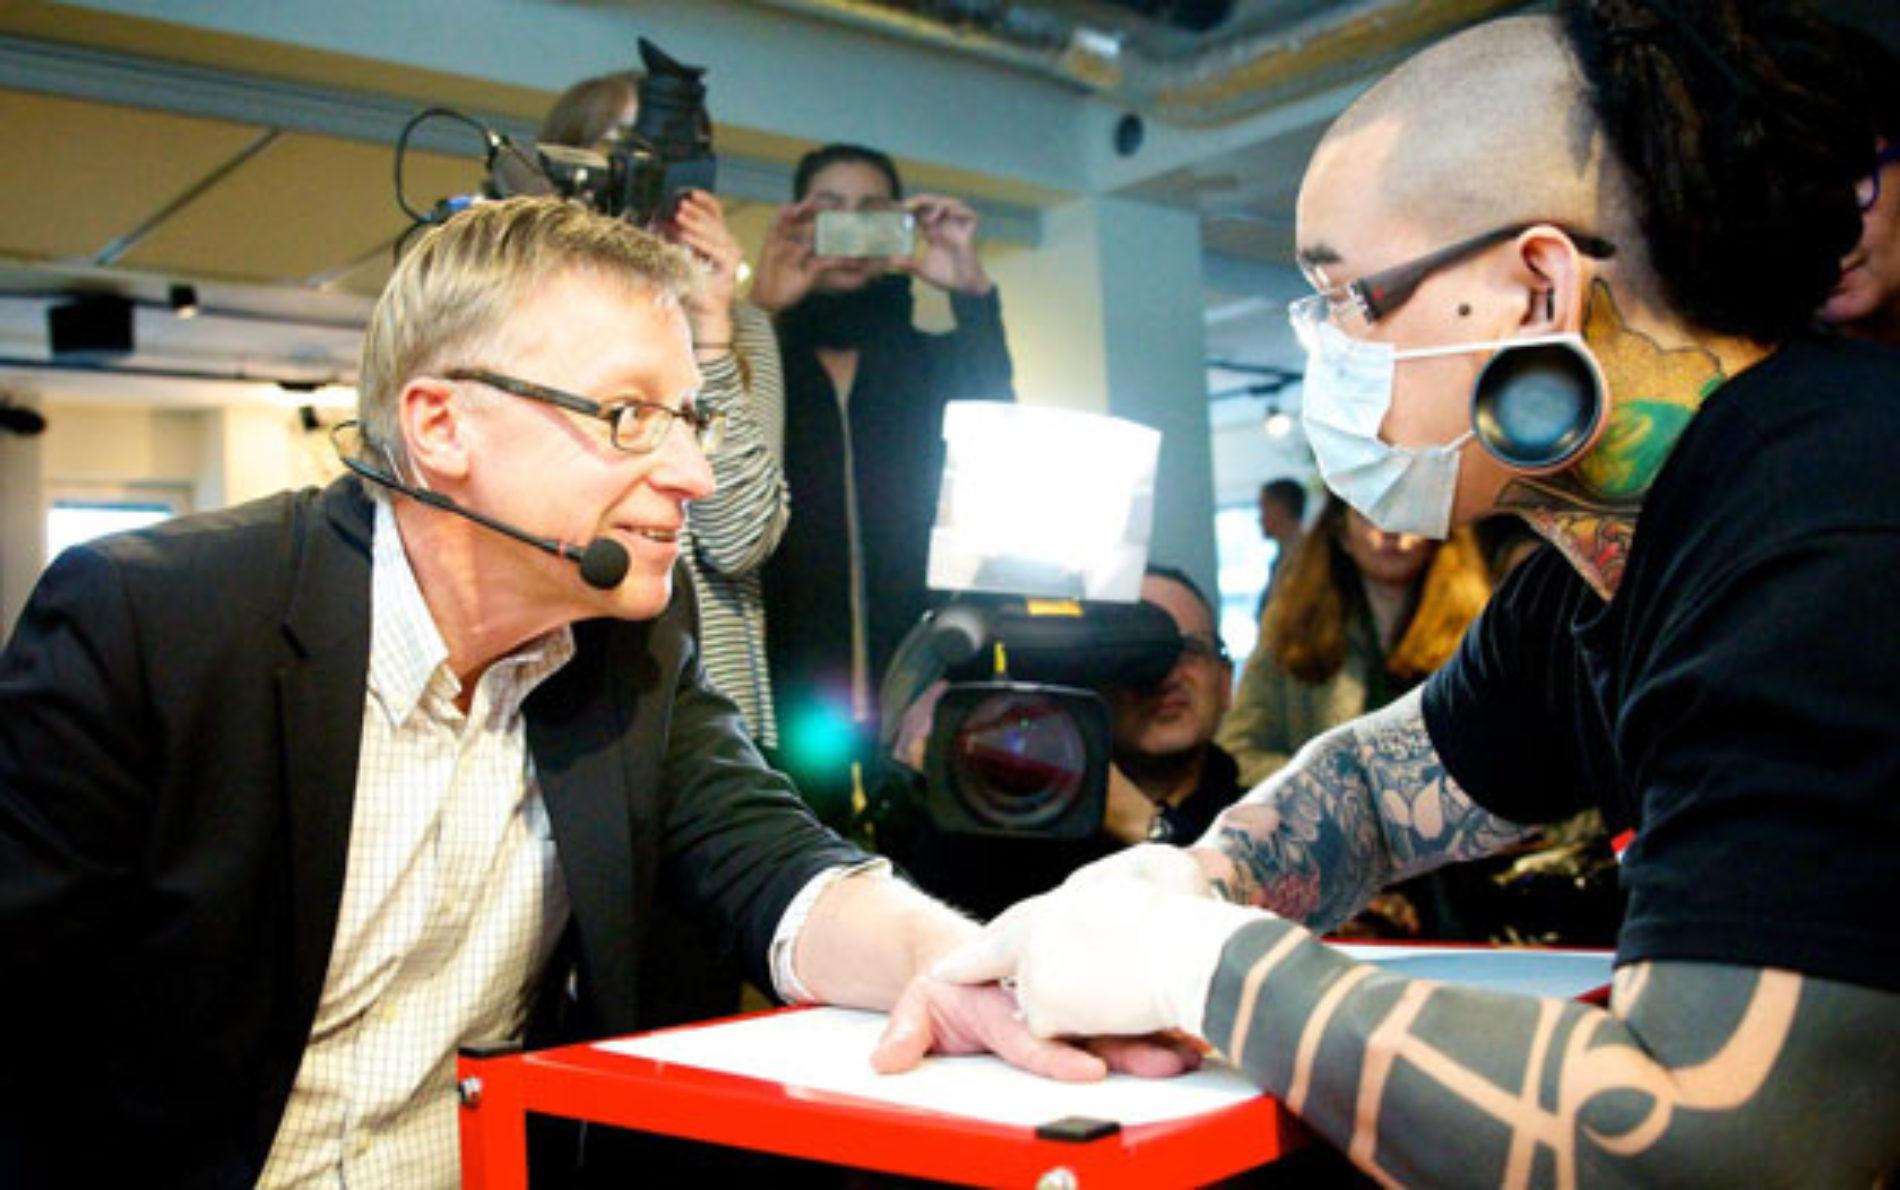 Svezia. Un microchip RFID sostituisce la chiave elettronica